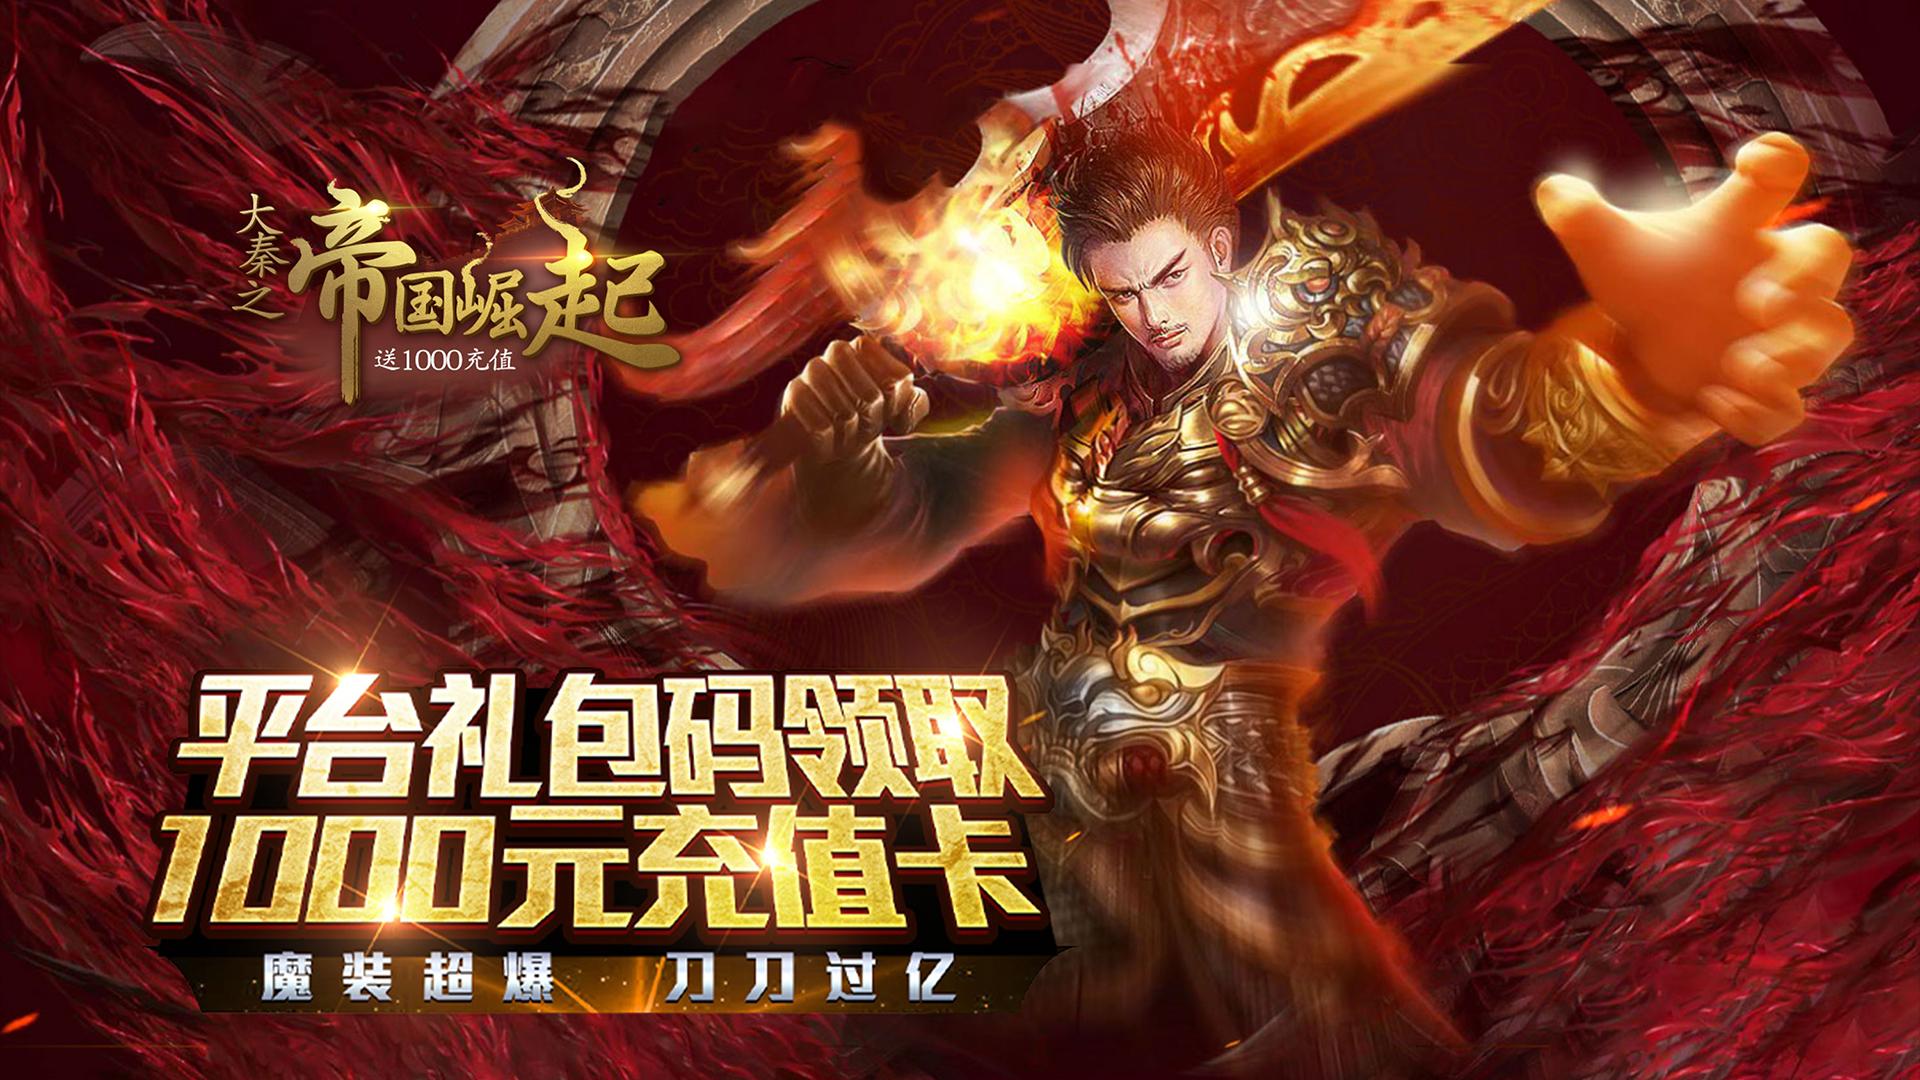 《大秦之帝国崛起(送千元充值)》变态版:上线就送VIP12、绑元38888、绑金188万